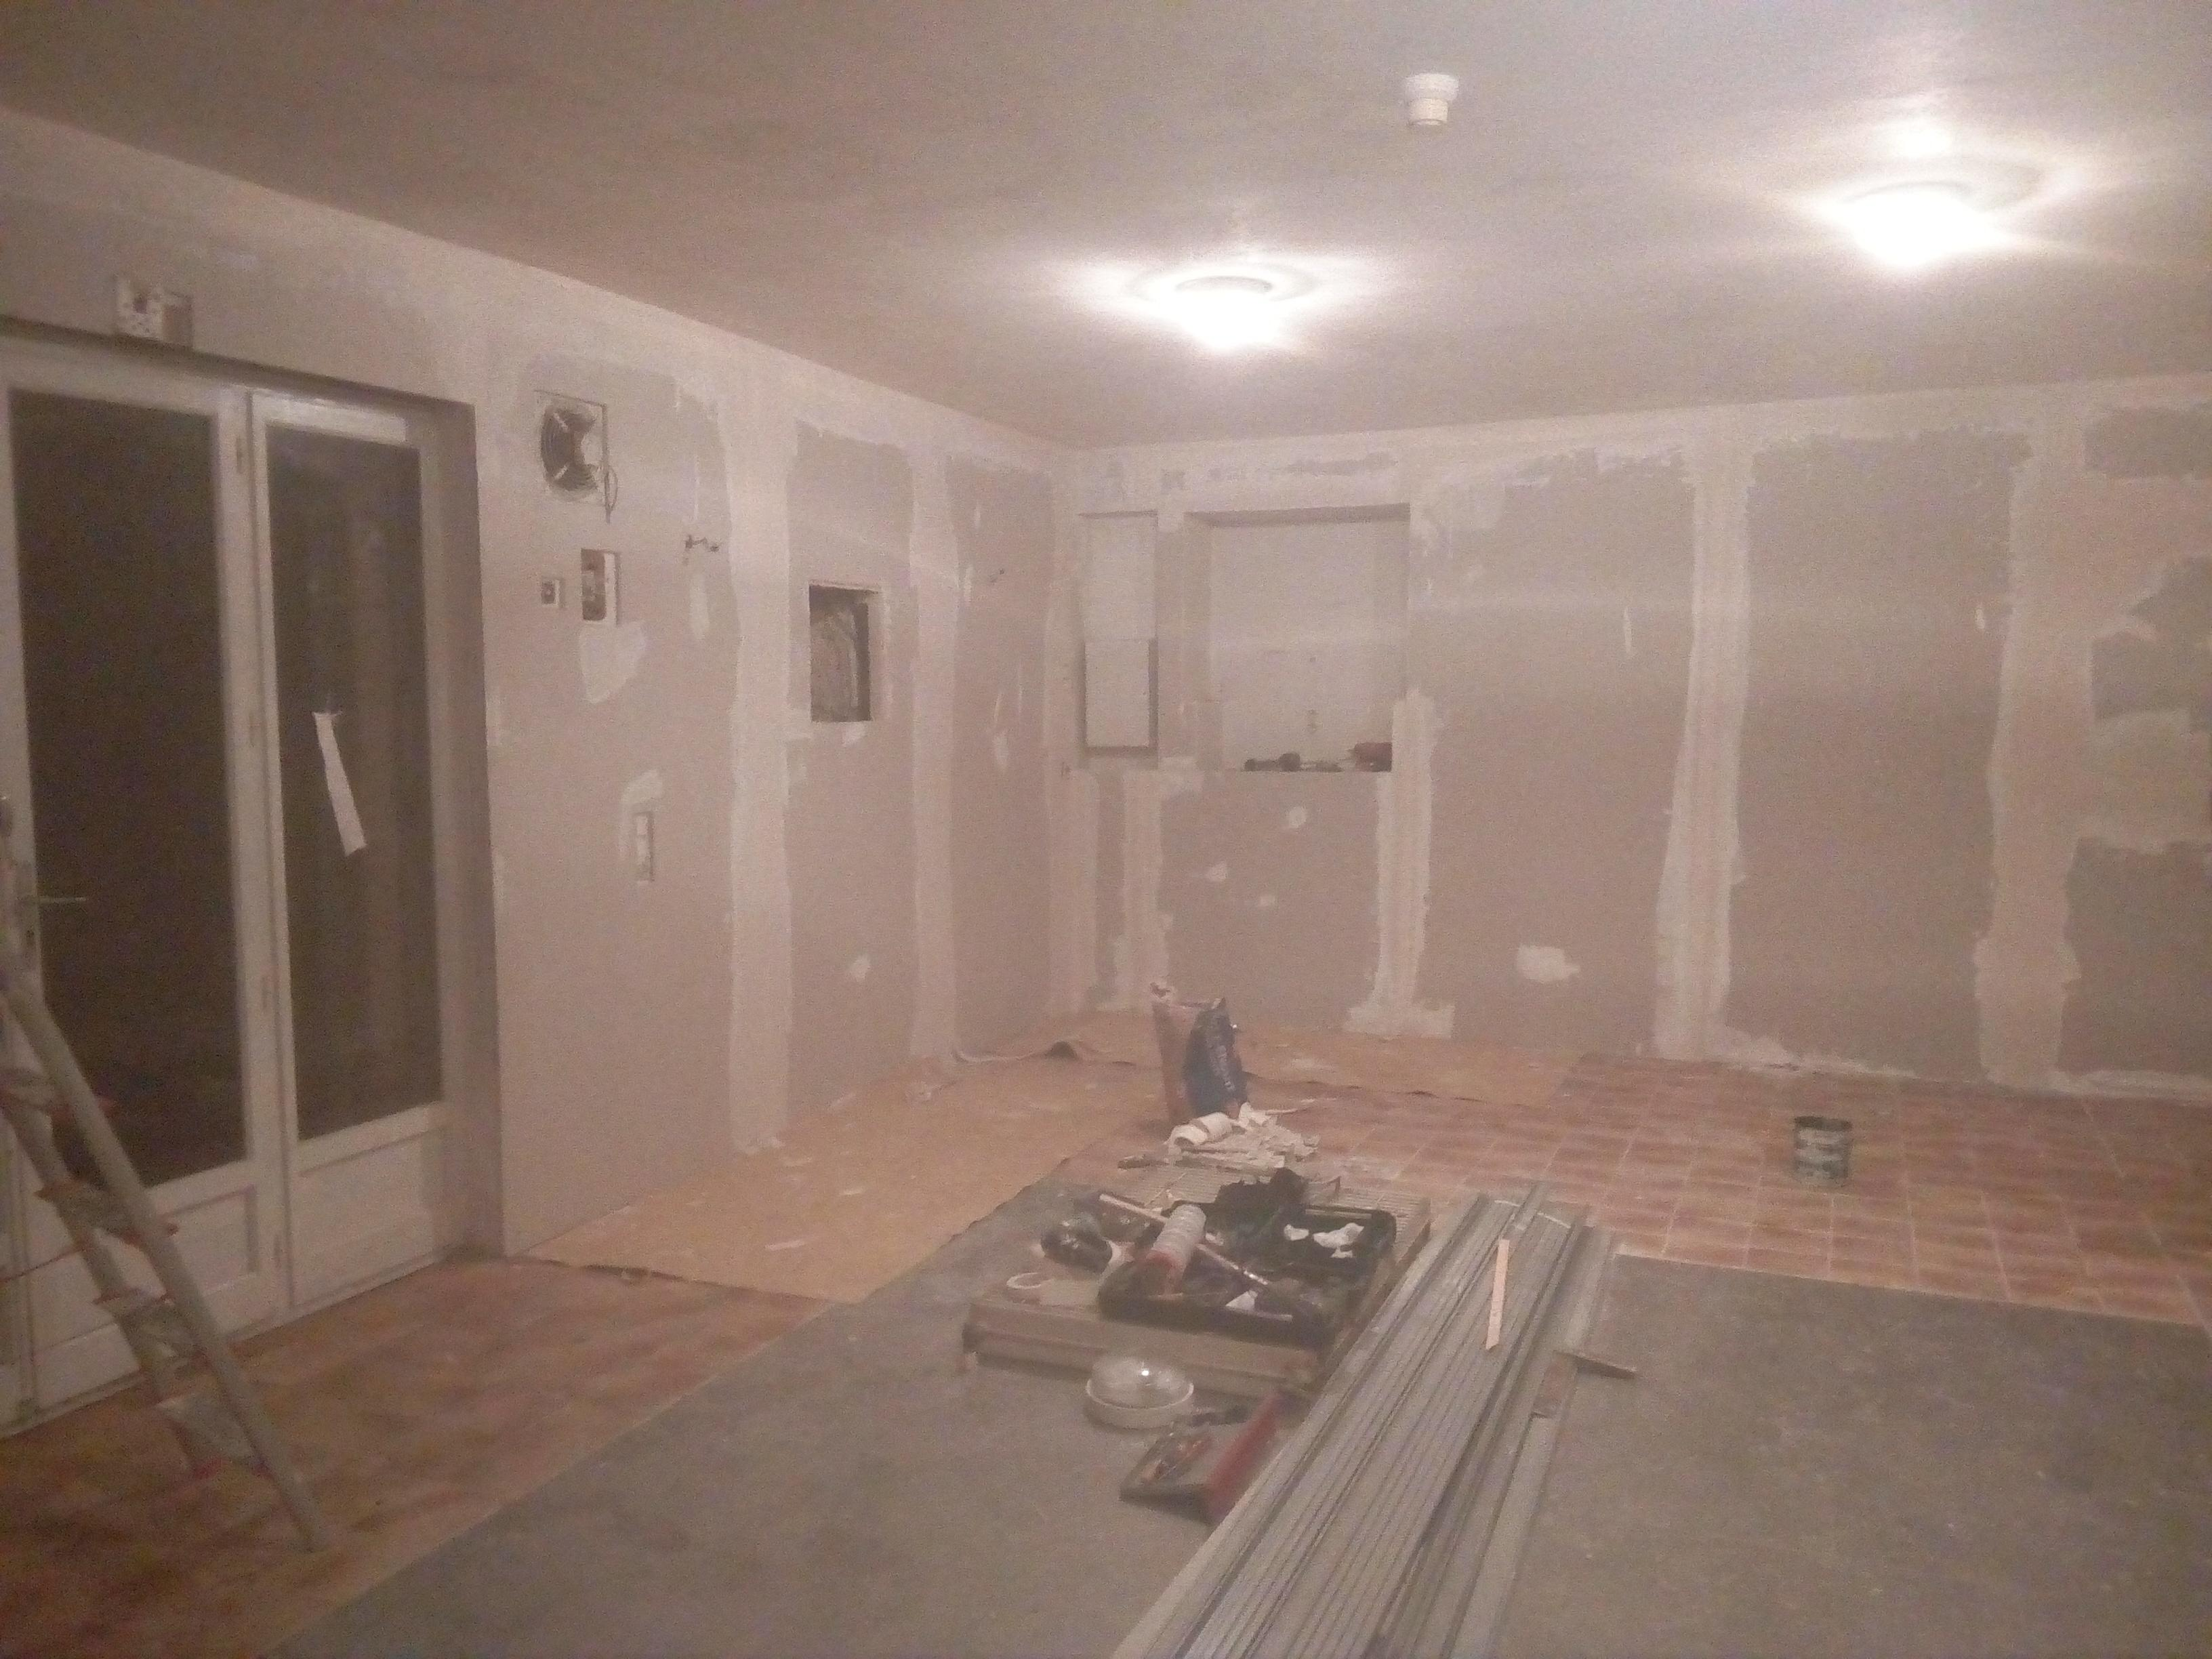 Rénovation de la salle de l'aile Est du château (2019)